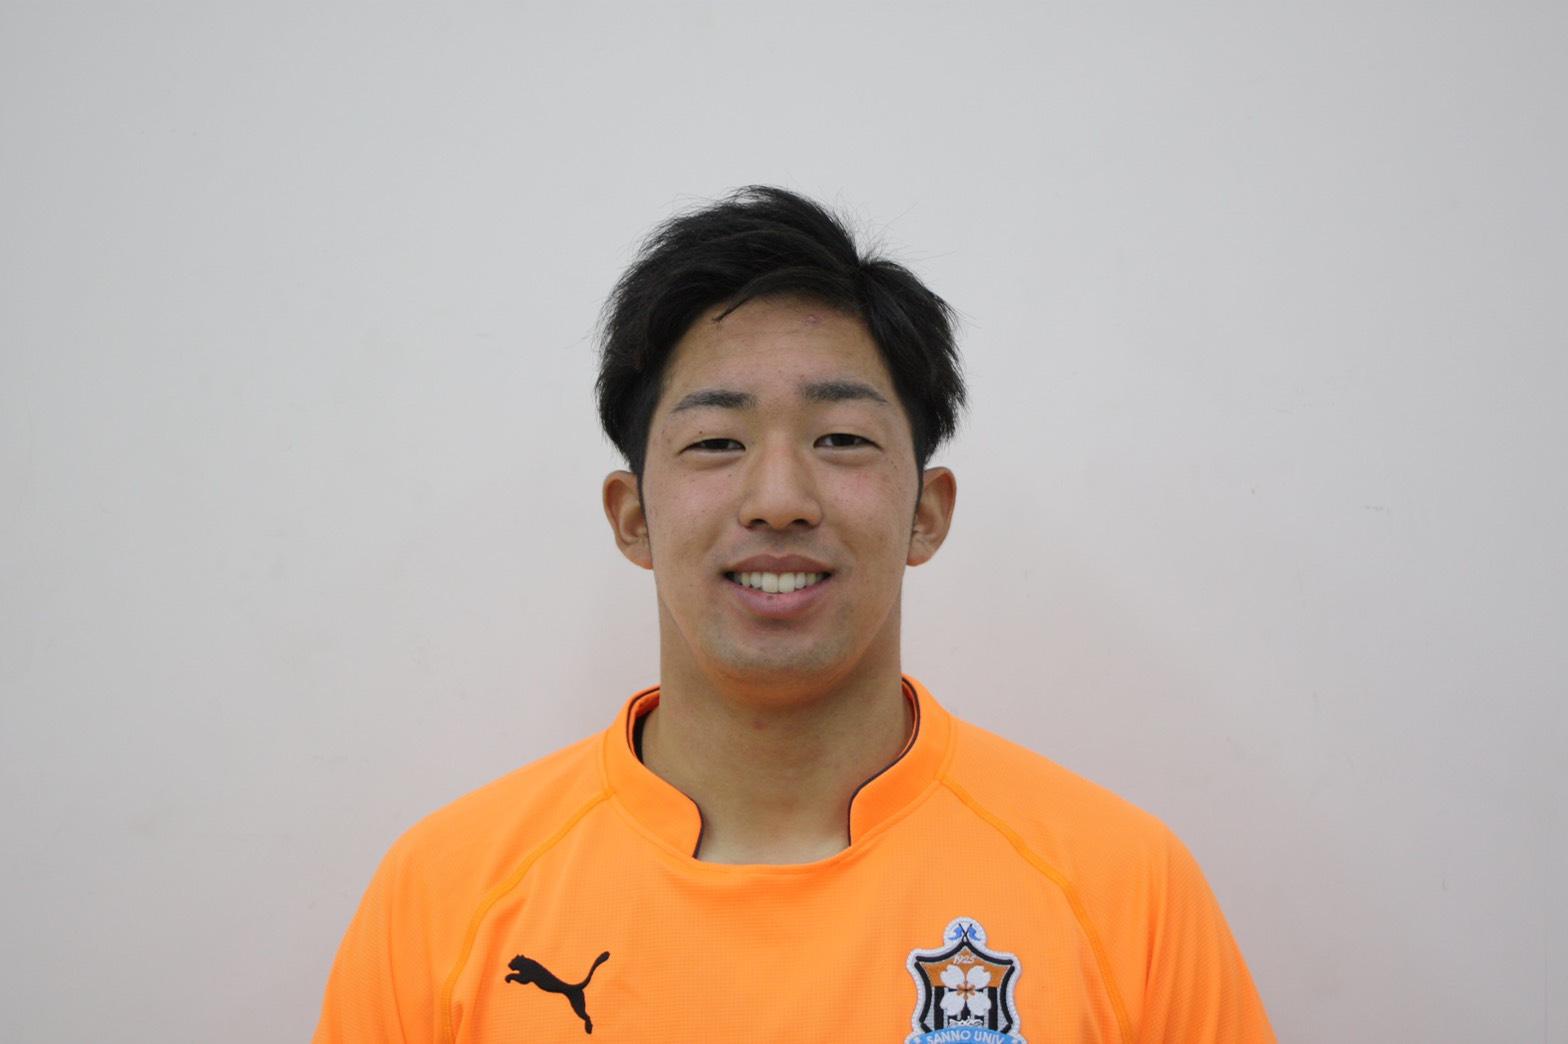 田村 健太朗